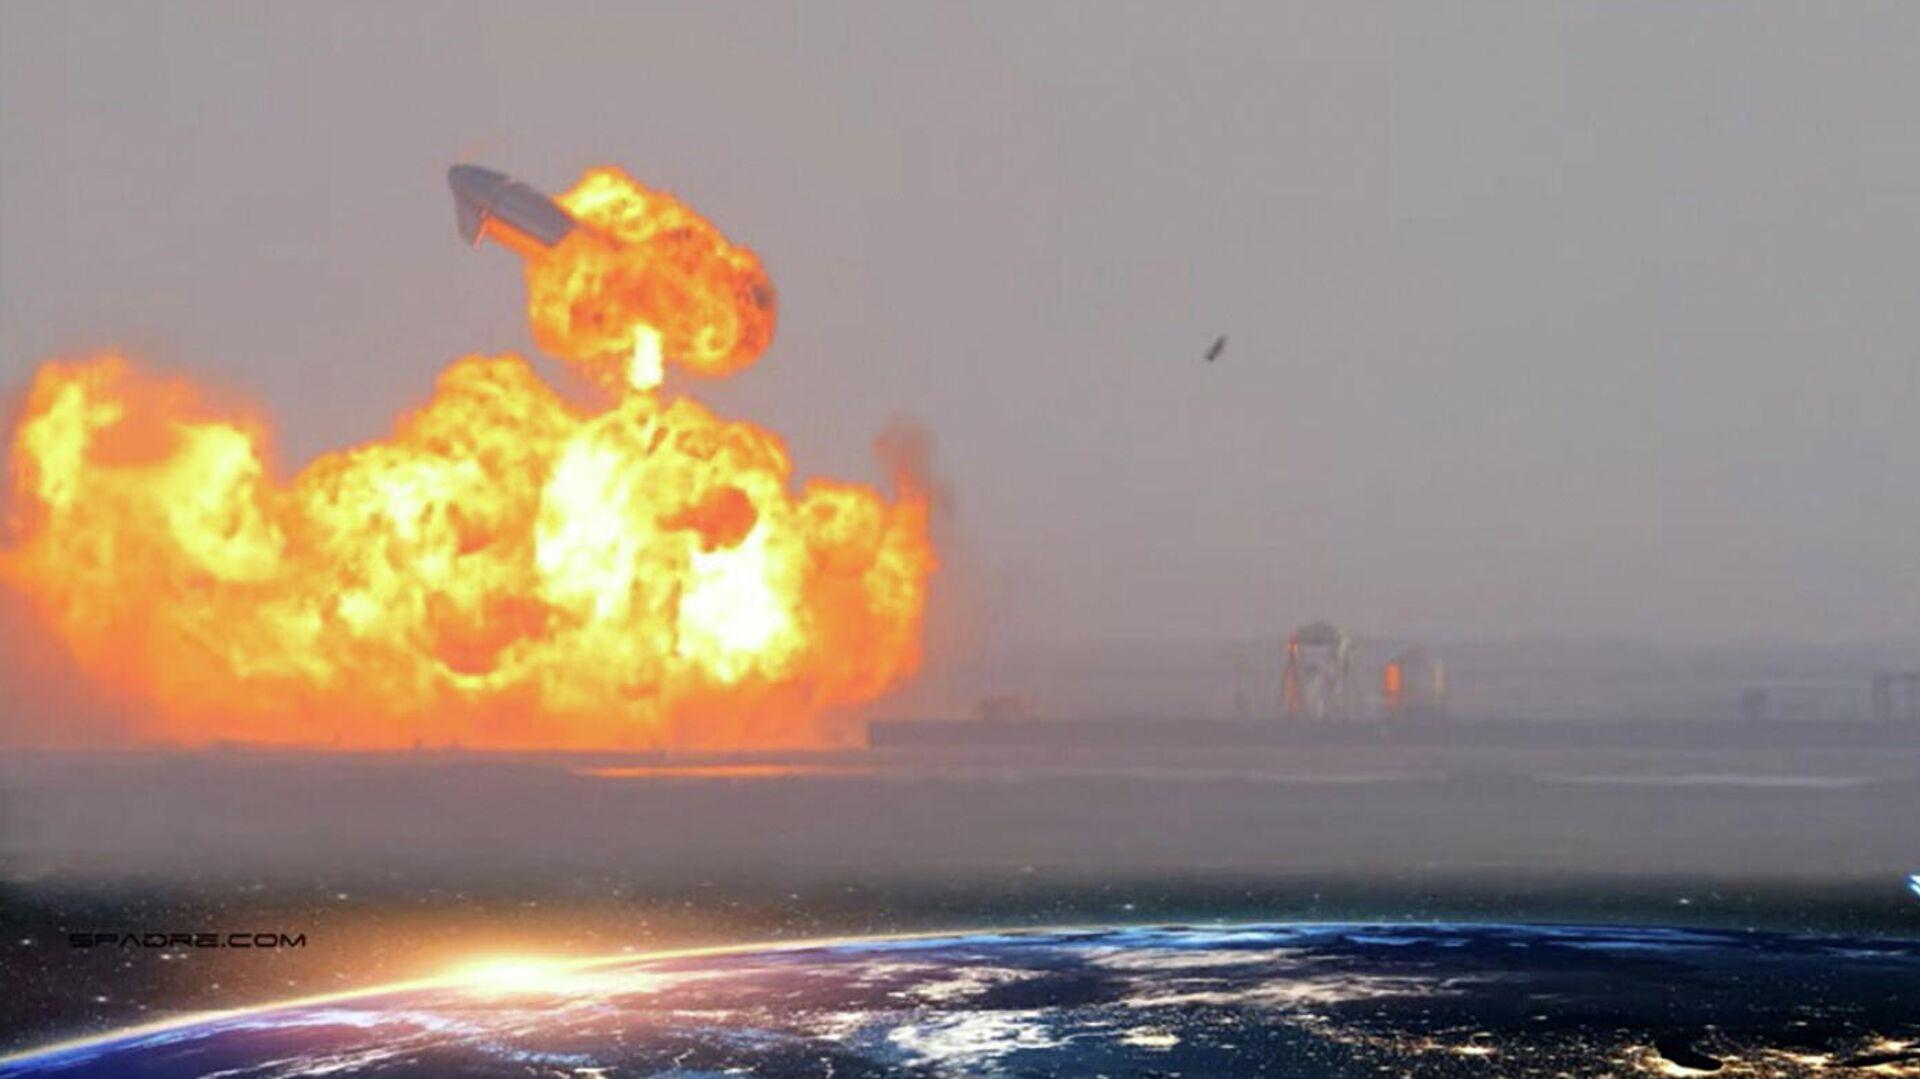 Прототип корабля Starship SN10 компании SpaceX взорвался после посадки - РИА Новости, 1920, 04.03.2021